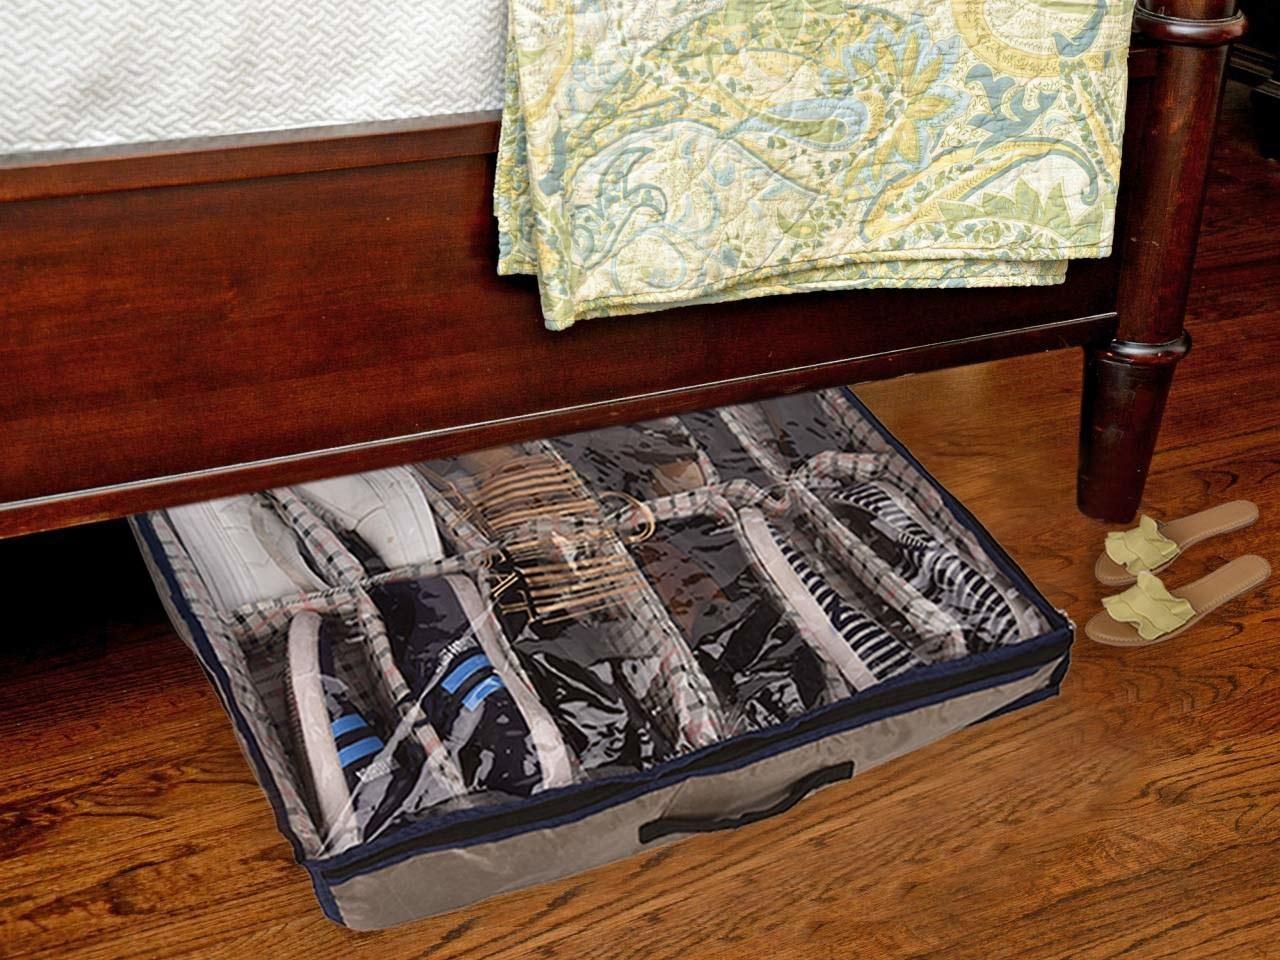 An under-bed storage organiser